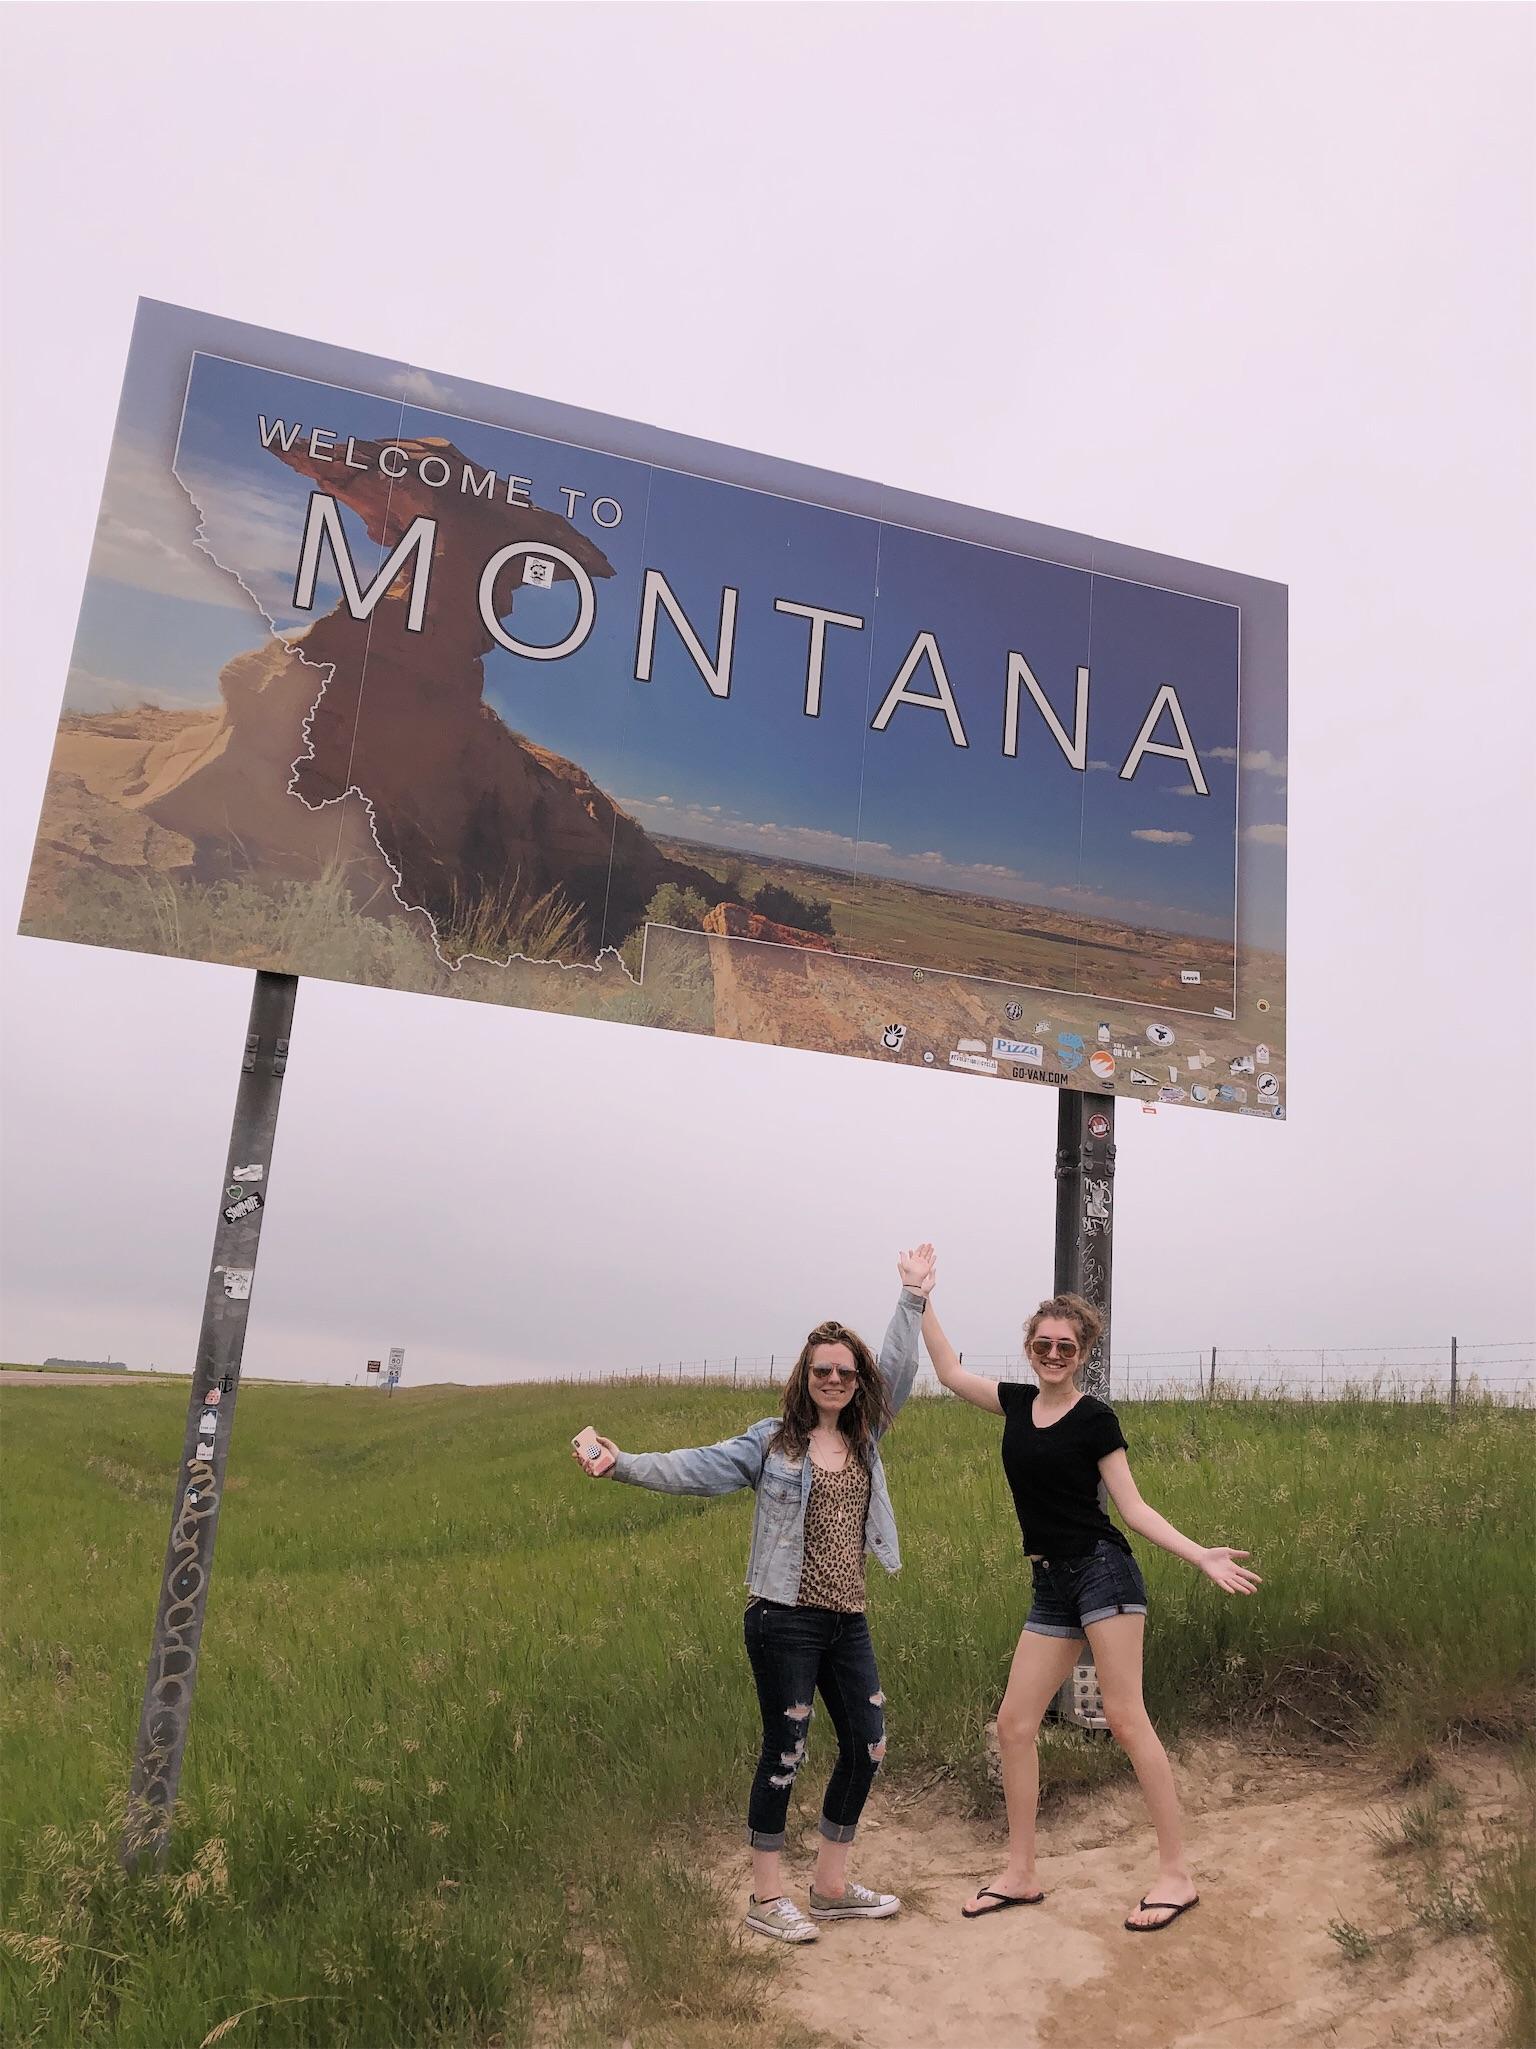 ashlee-kirsten-montana-sign.jpg